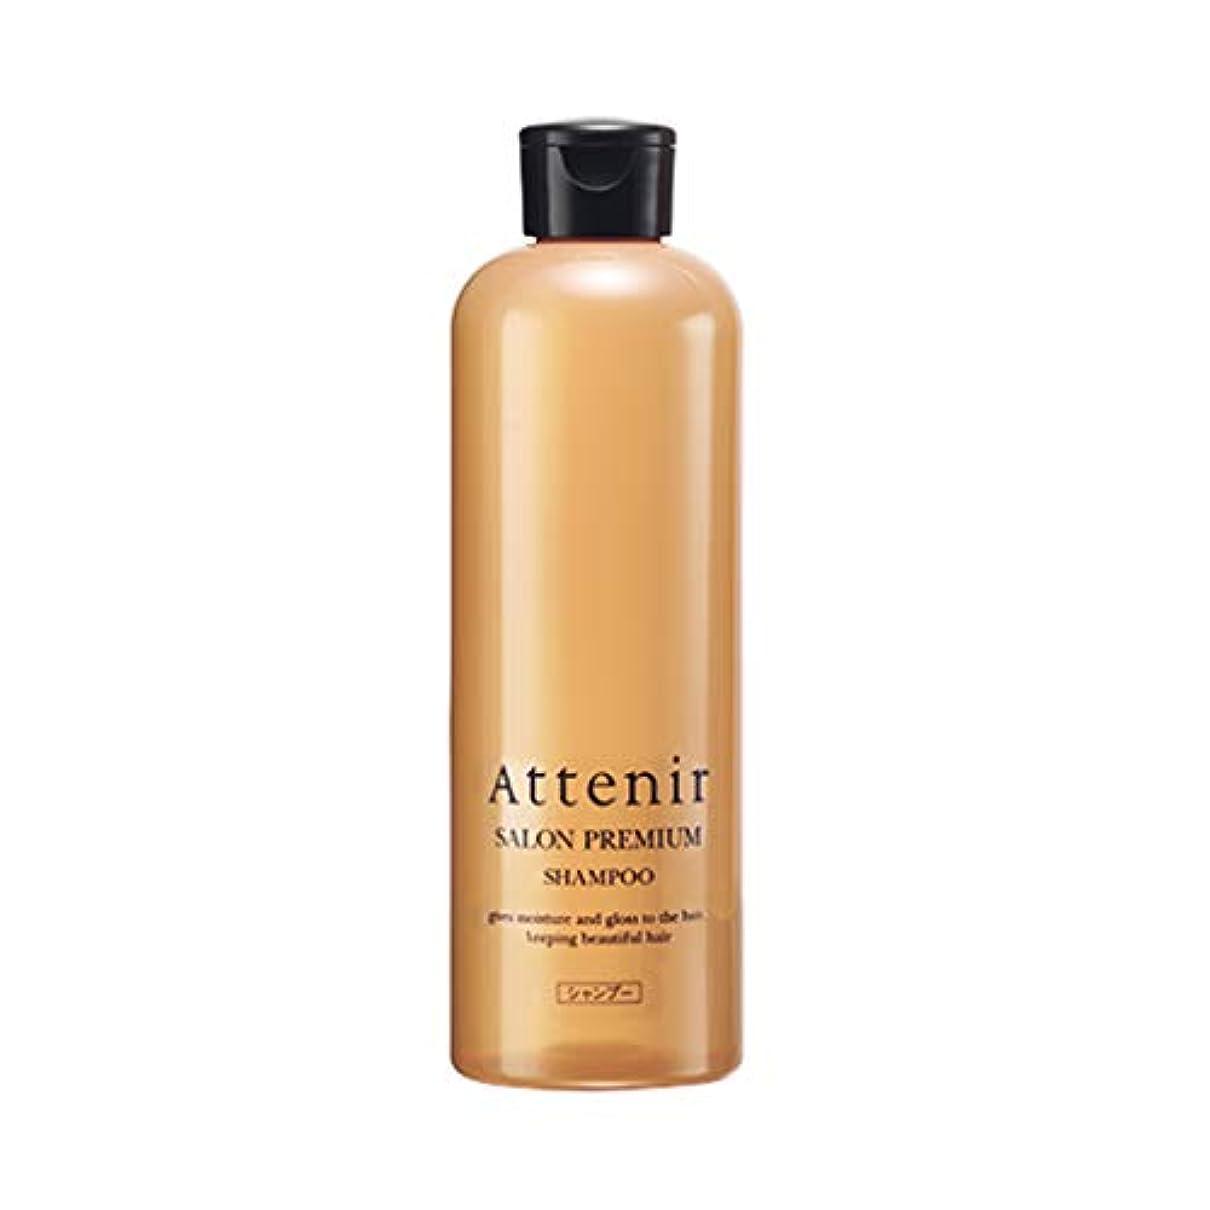 マナー有料入場料アテニア サロンプレミアム シャンプー グランフローラルの香り 毛髪補強成分配合 300ml